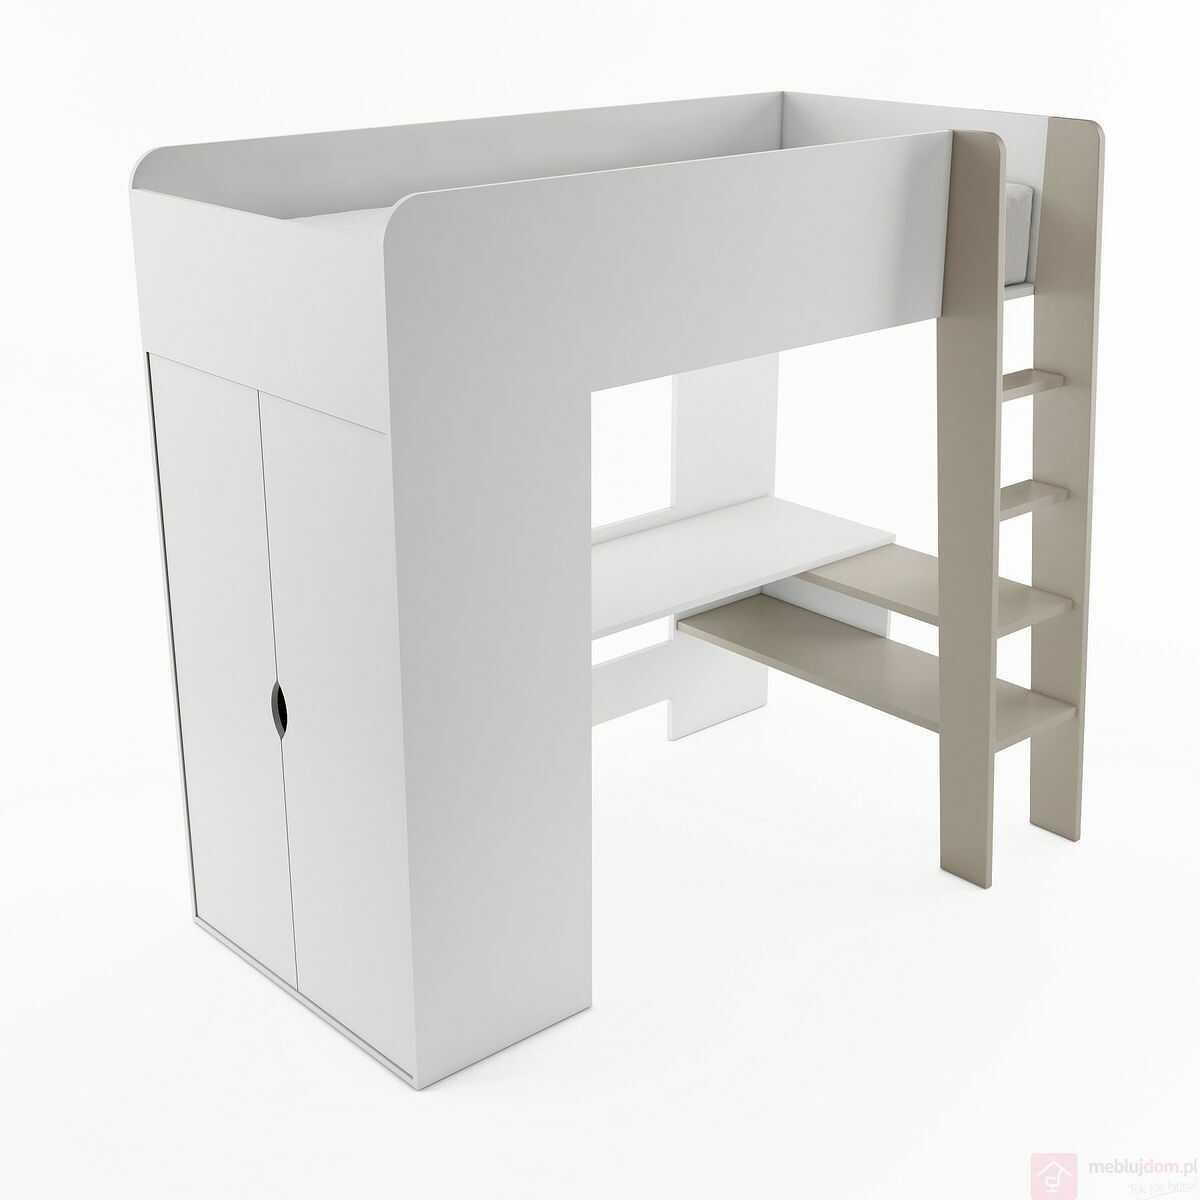 KUPON 10% NA STRONIE  Łóżko piętrowe, biurko i szafa TOM TM-01 Biały + Beż